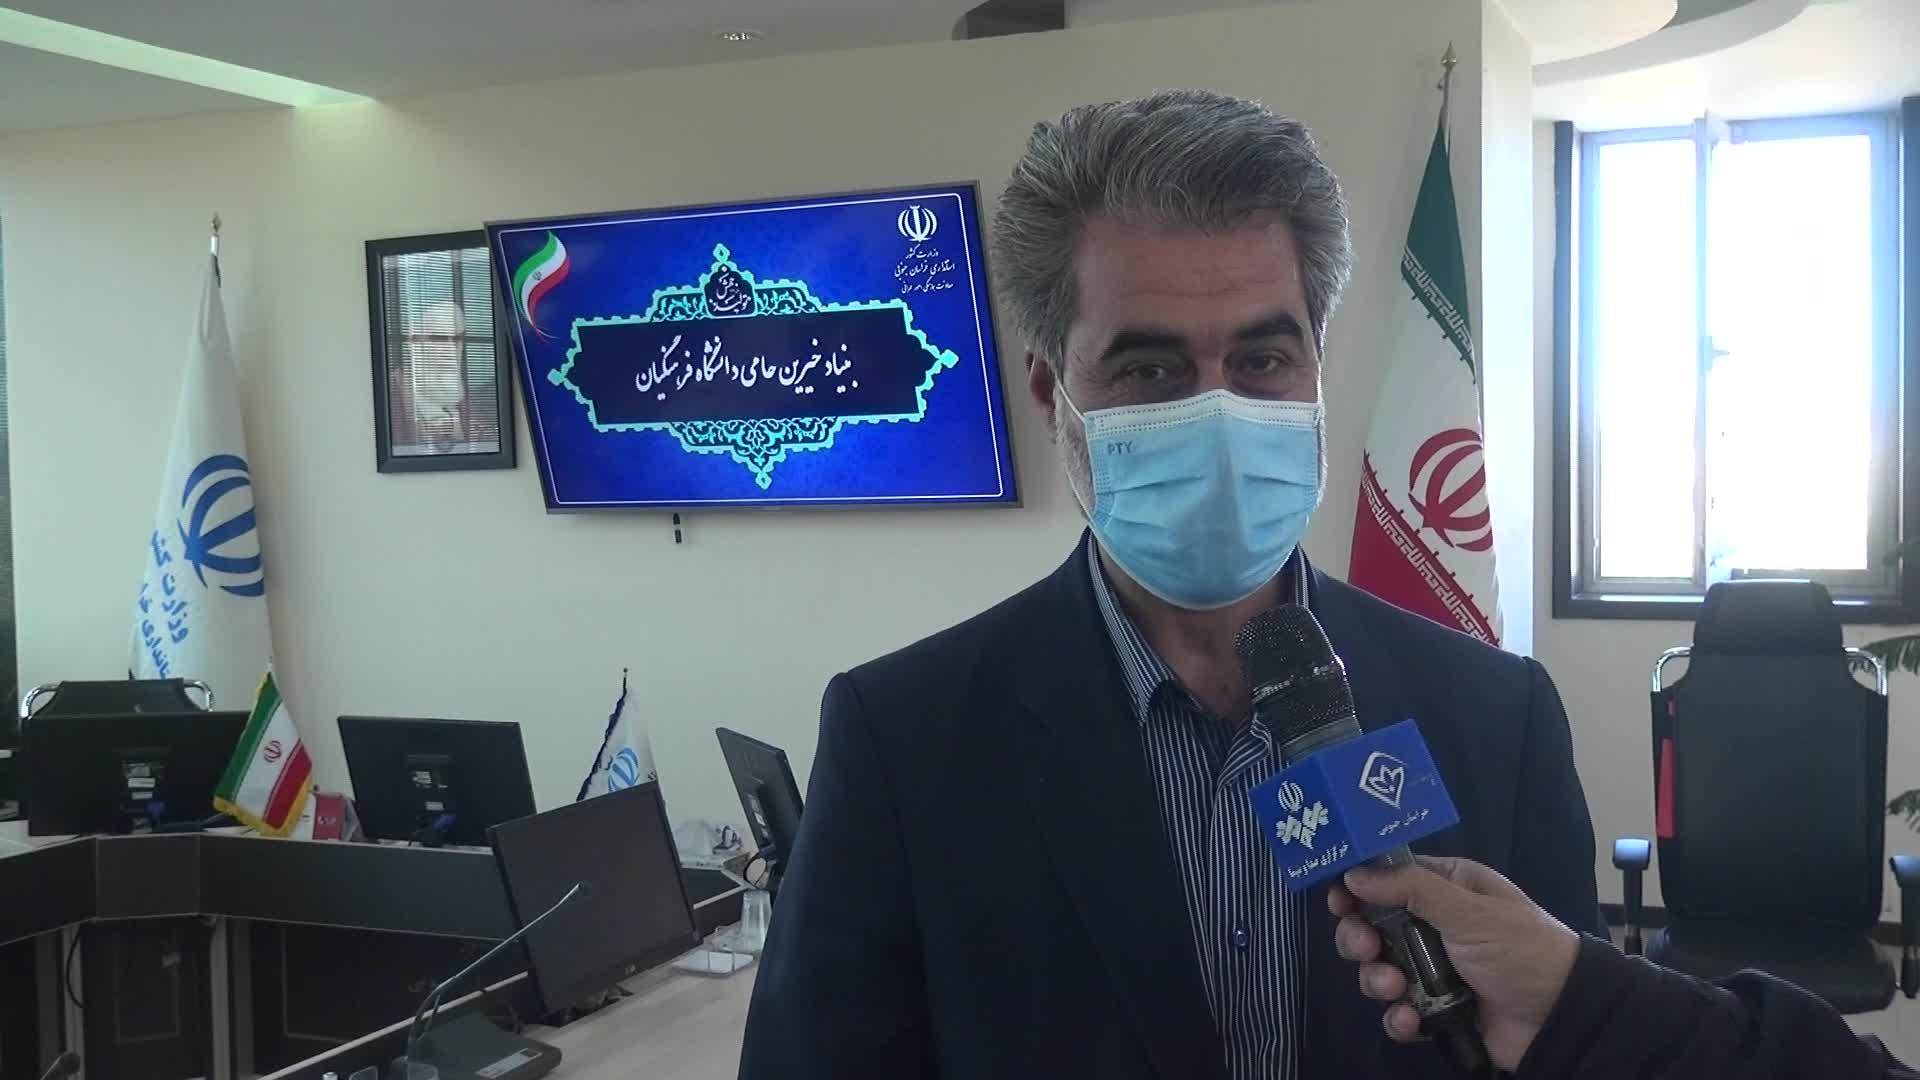 راهاندازی بنیاد خیران حامی دانشگاه فرهنگیان در خراسان جنوبی